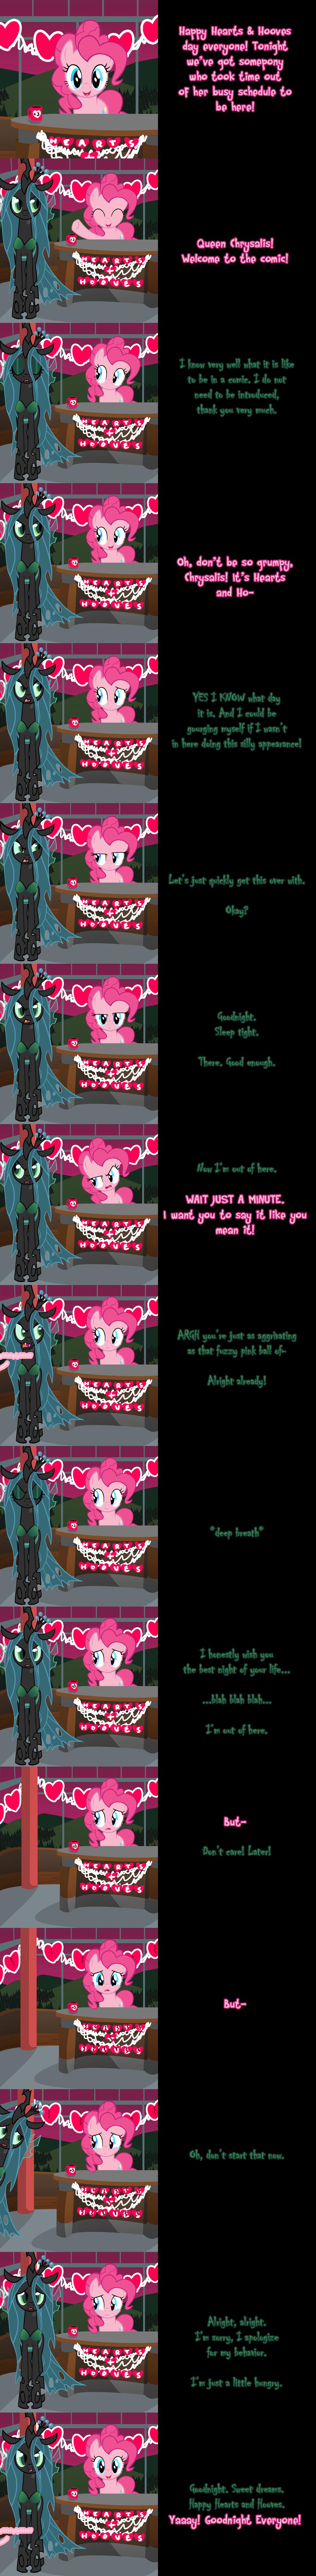 Pinkie Pie Says Goodnight - Feeding Frenzy by Undead-Niklos